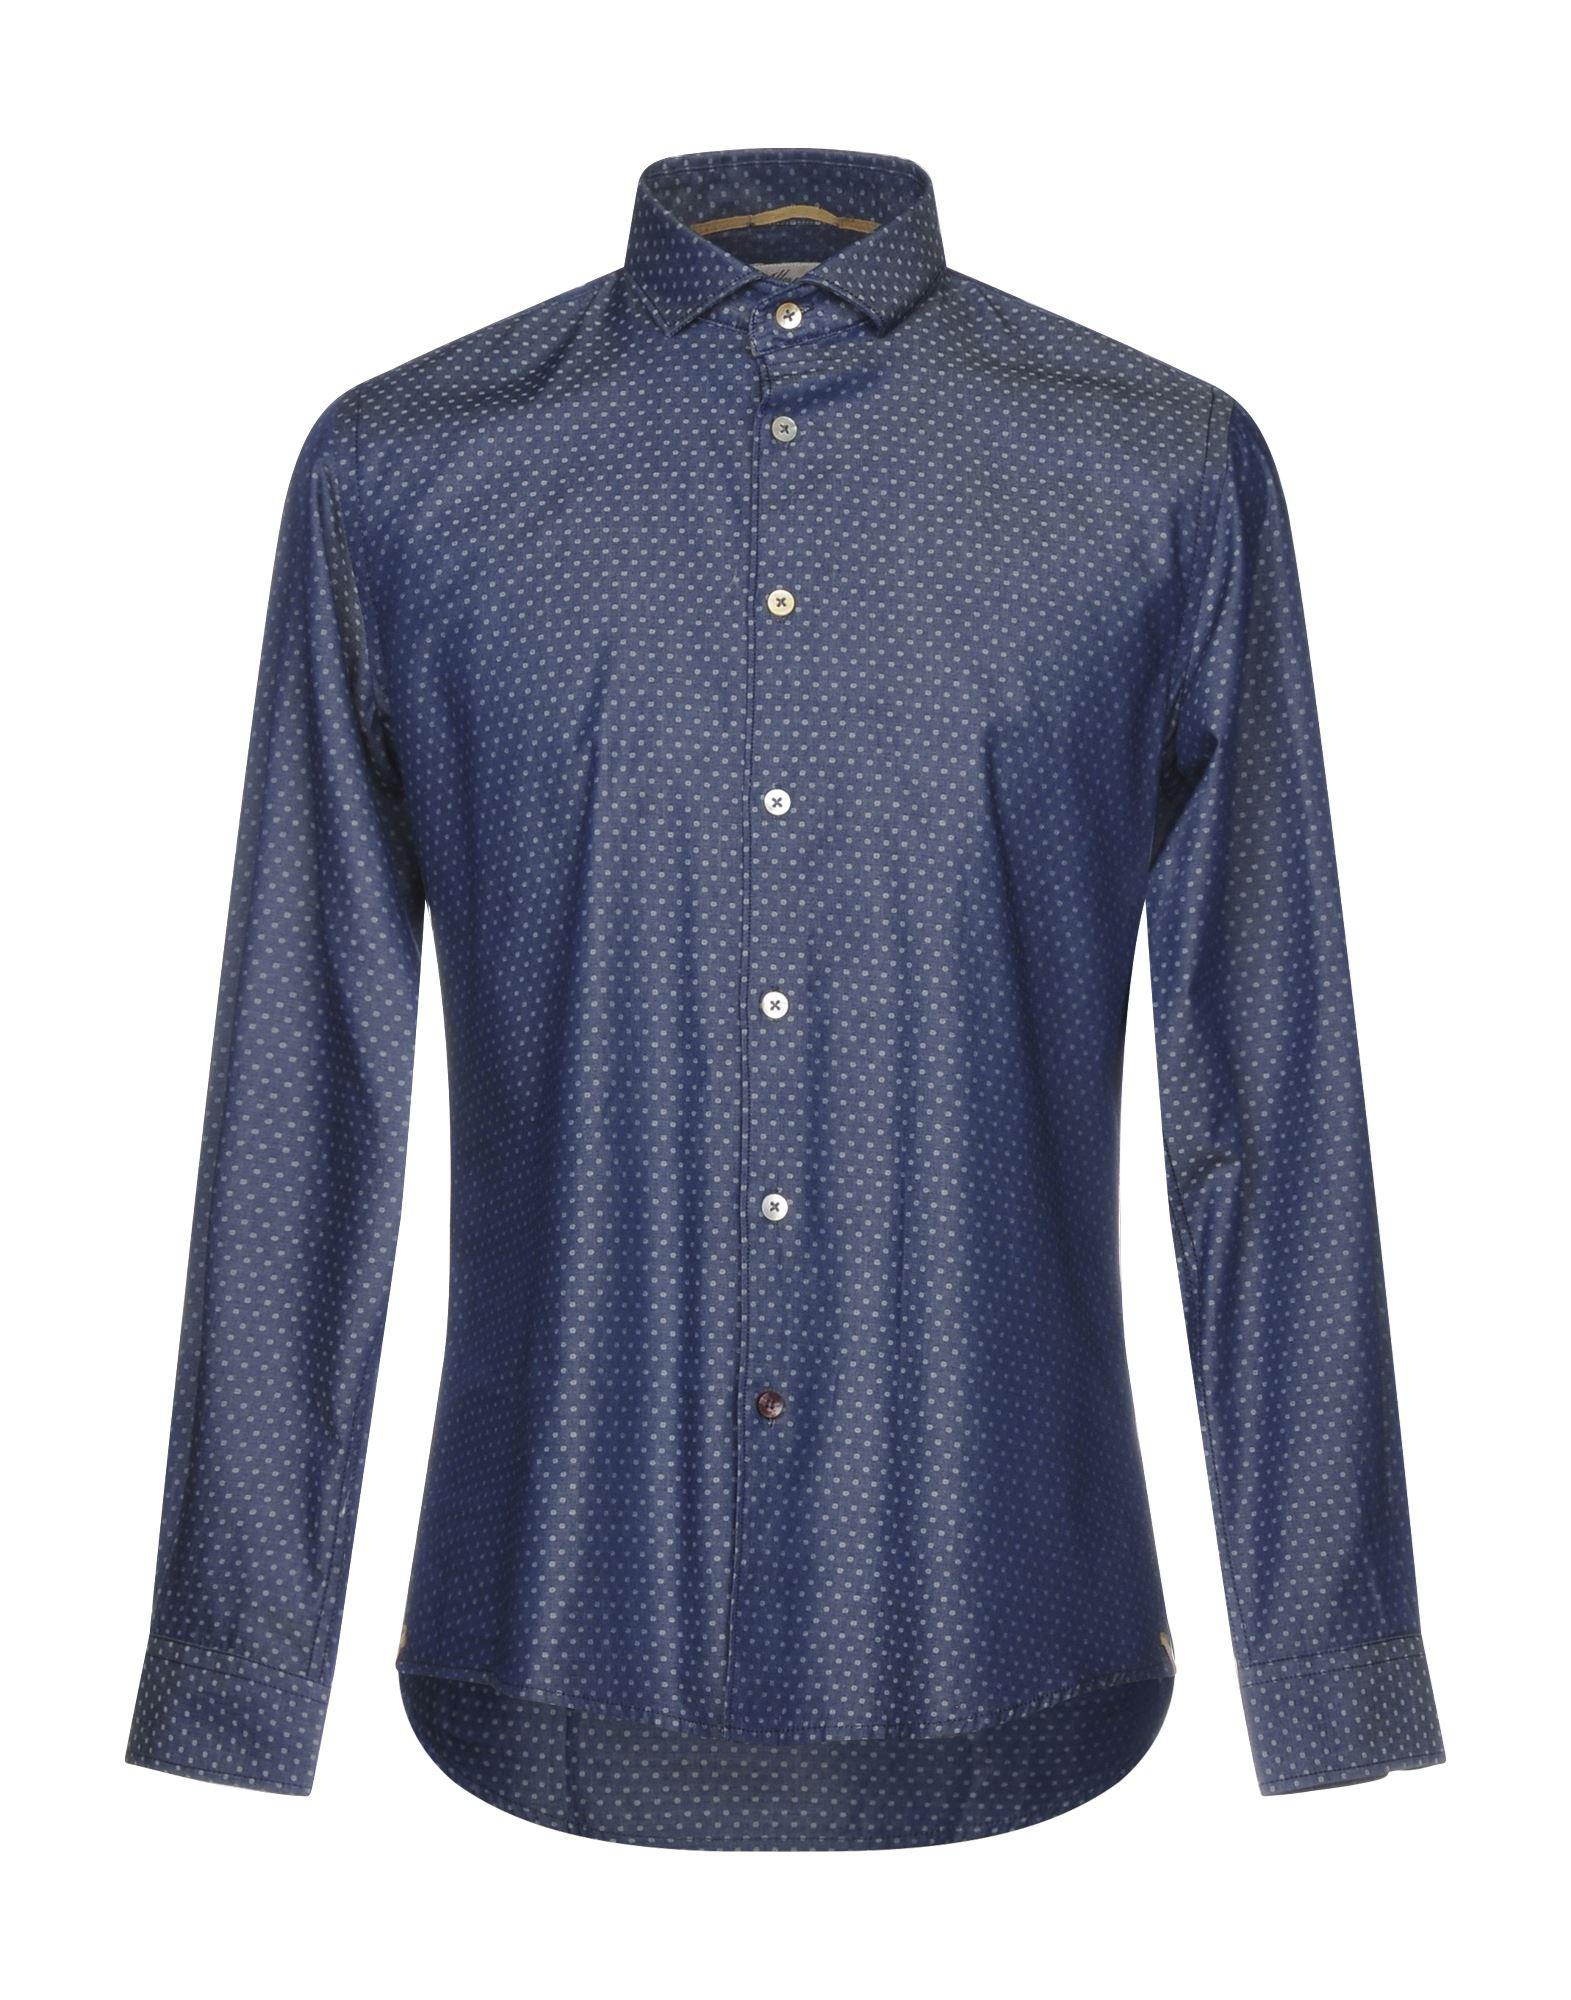 ALLEY DOCKS 963 Джинсовая рубашка рубашка в мелкий горошек